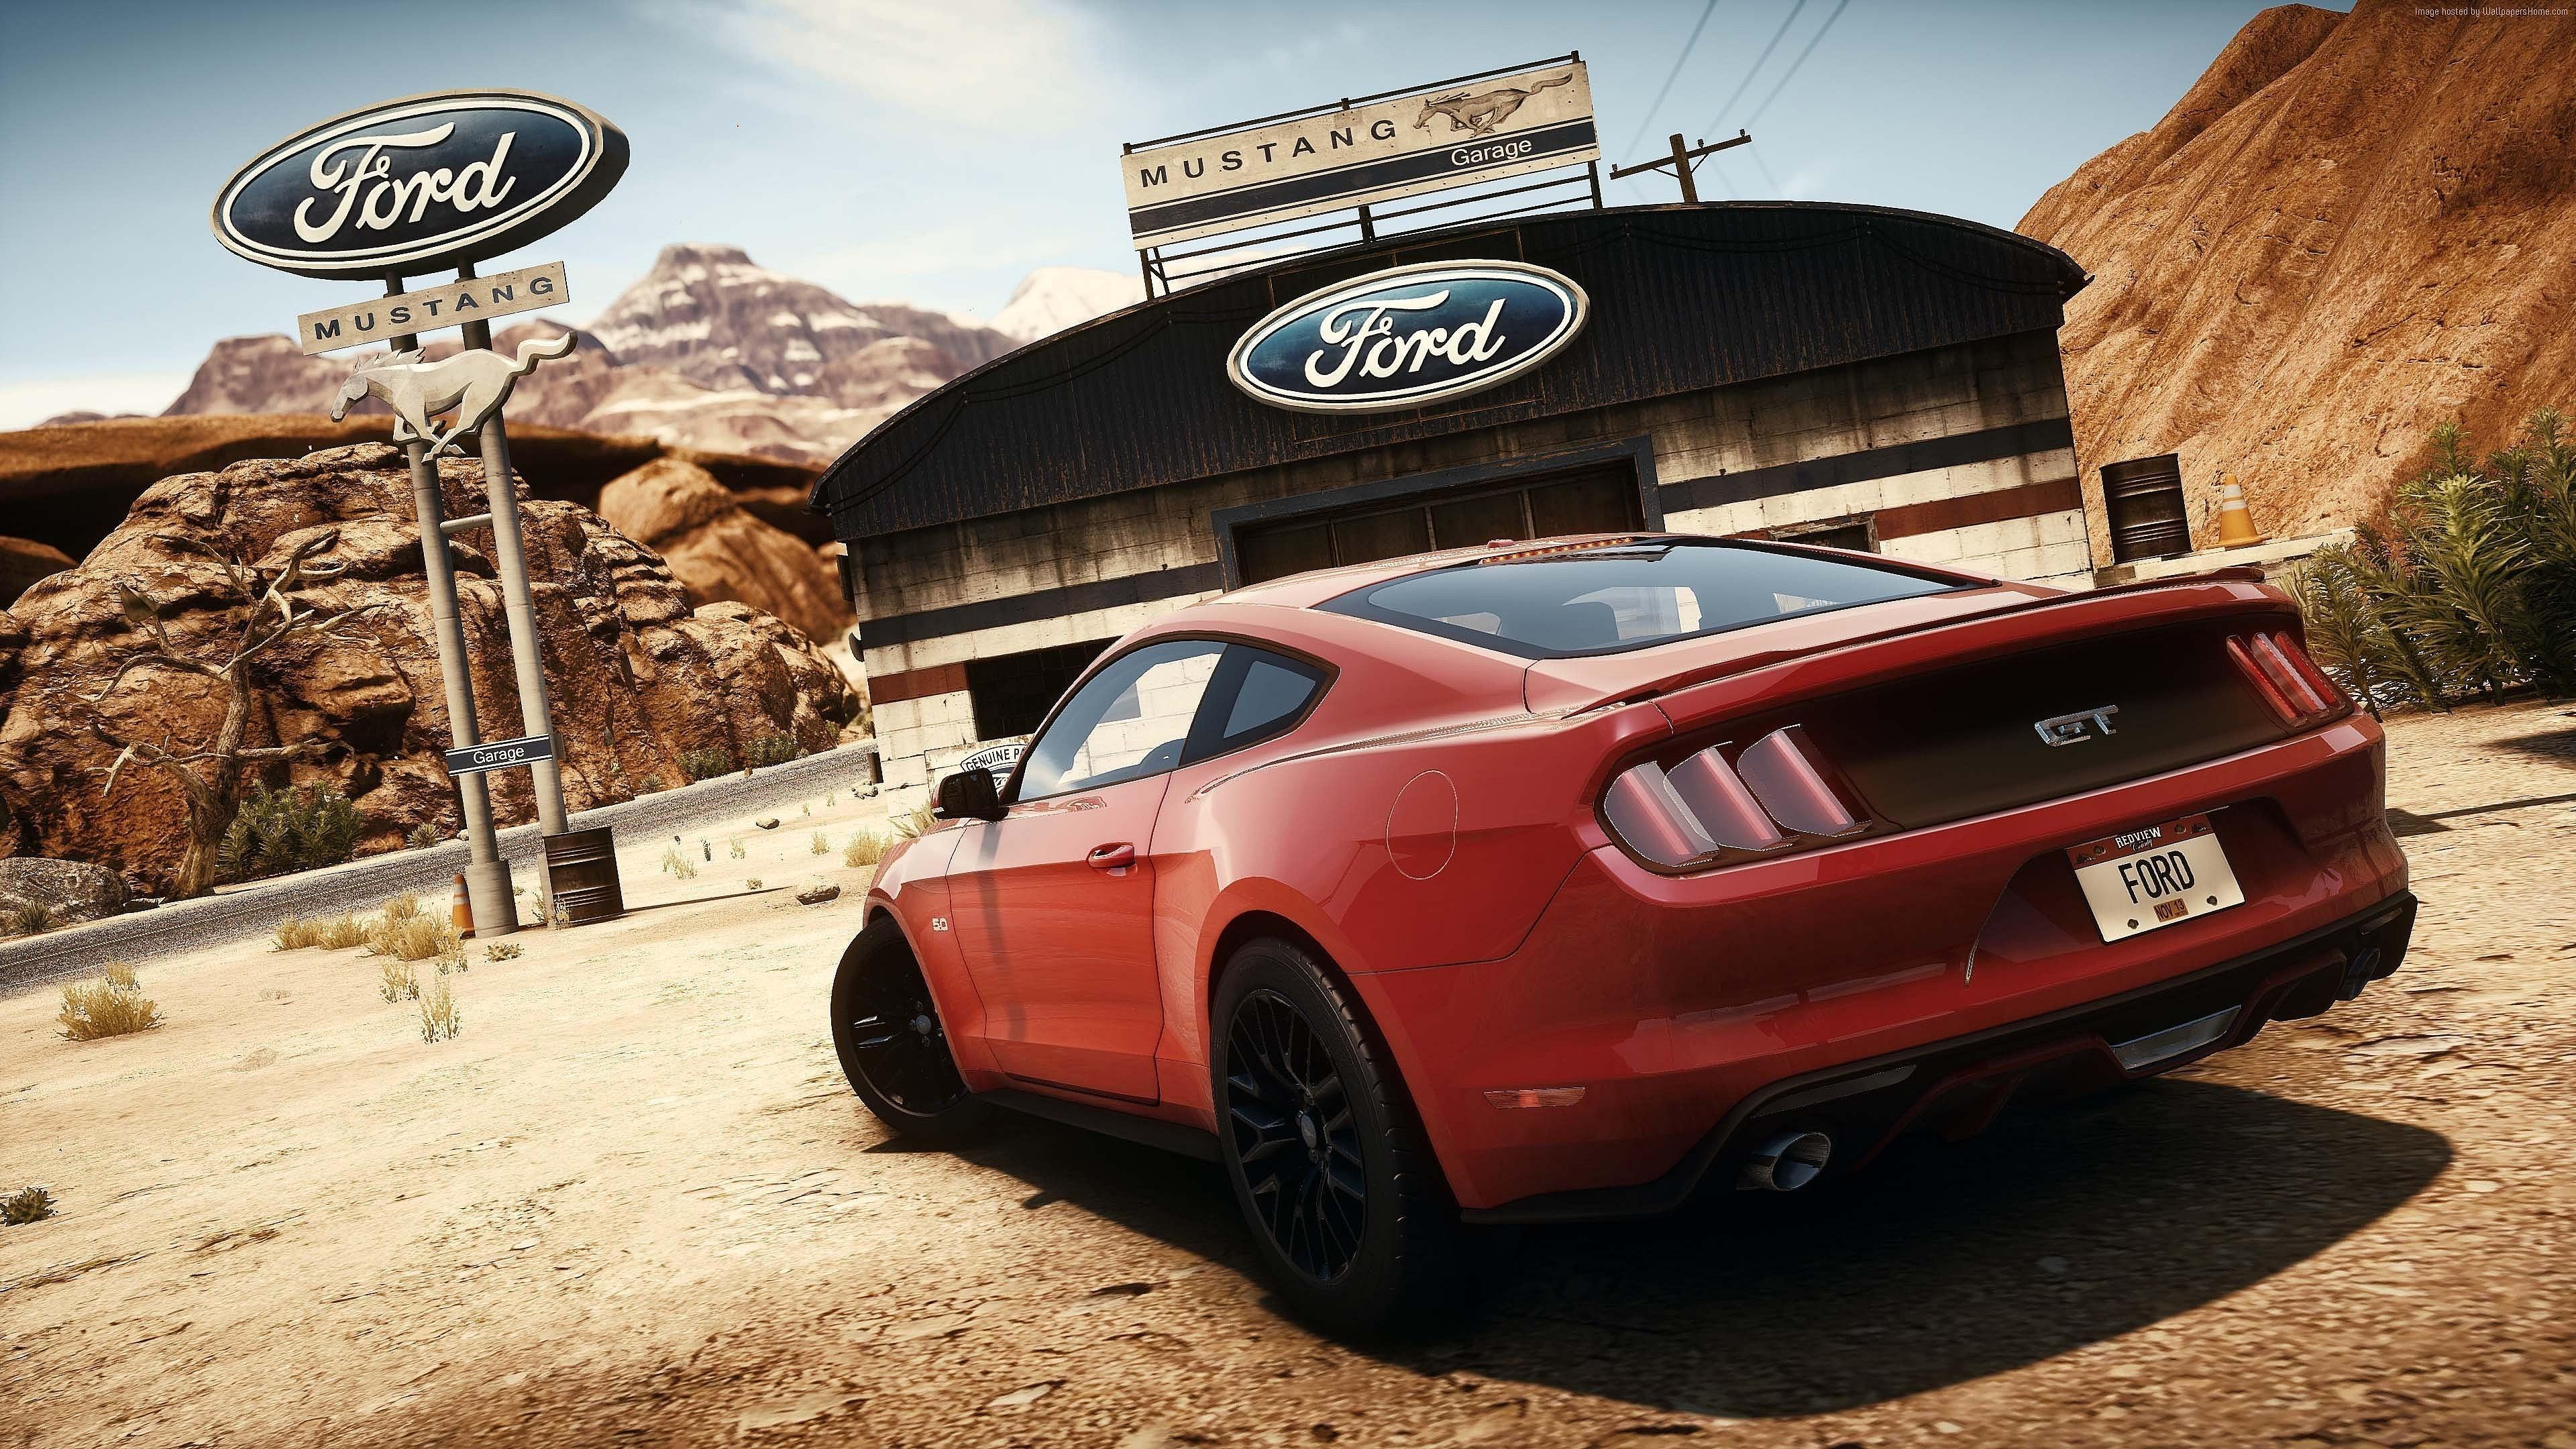 Res: 3840x2160, Notwendigkeit Für Geschwindigkeit Ford Mustang 4k Ultra Hd Hintergründe  Wallpaper Pc